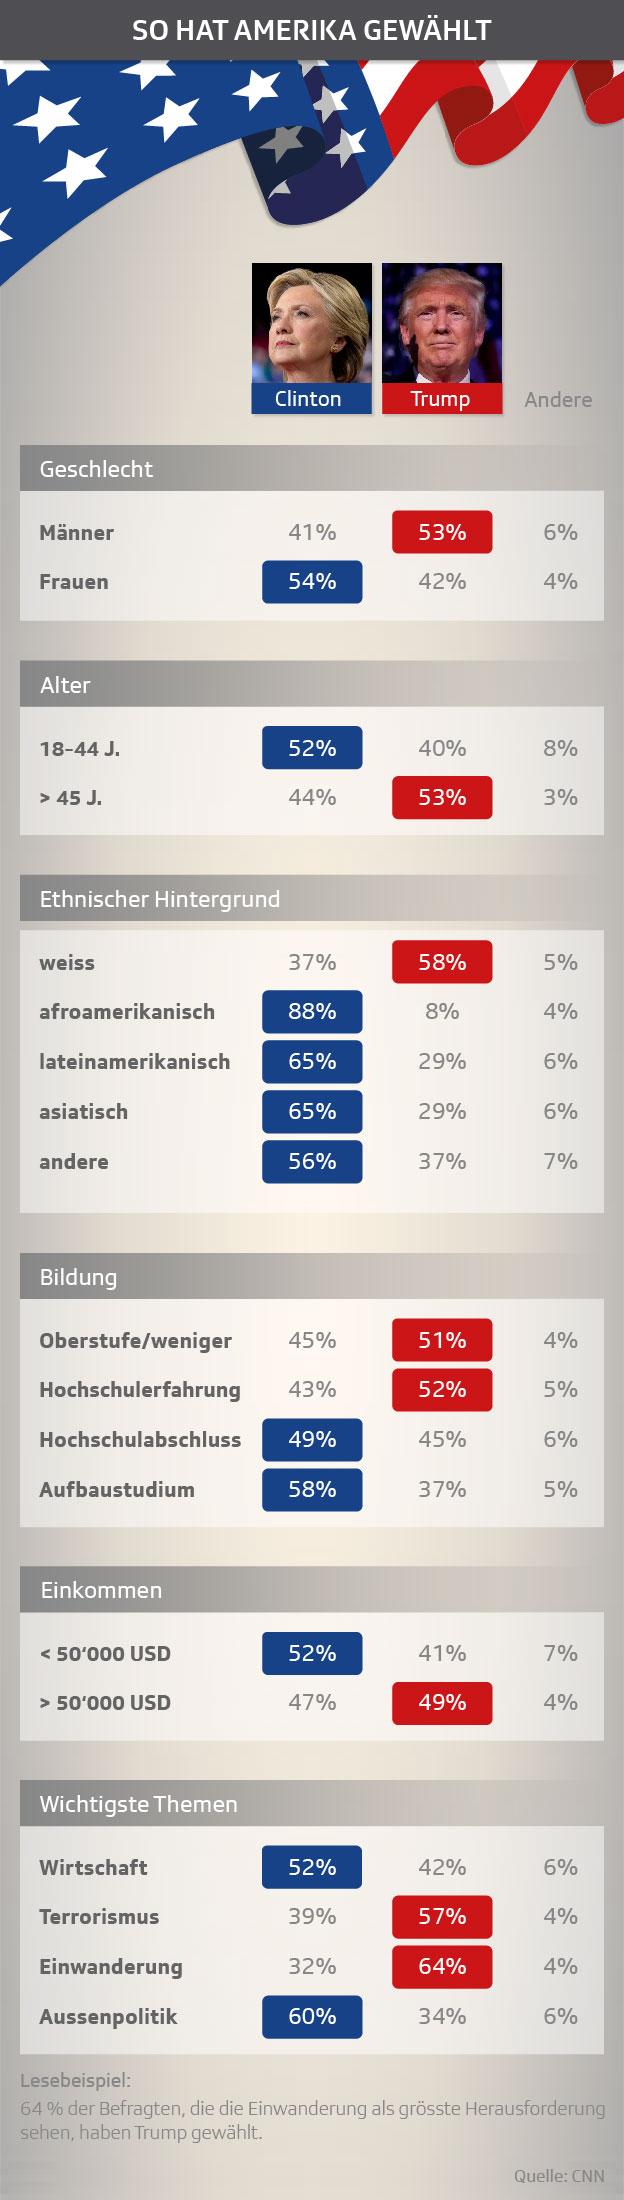 Infografik_So hat Amerika gewählt